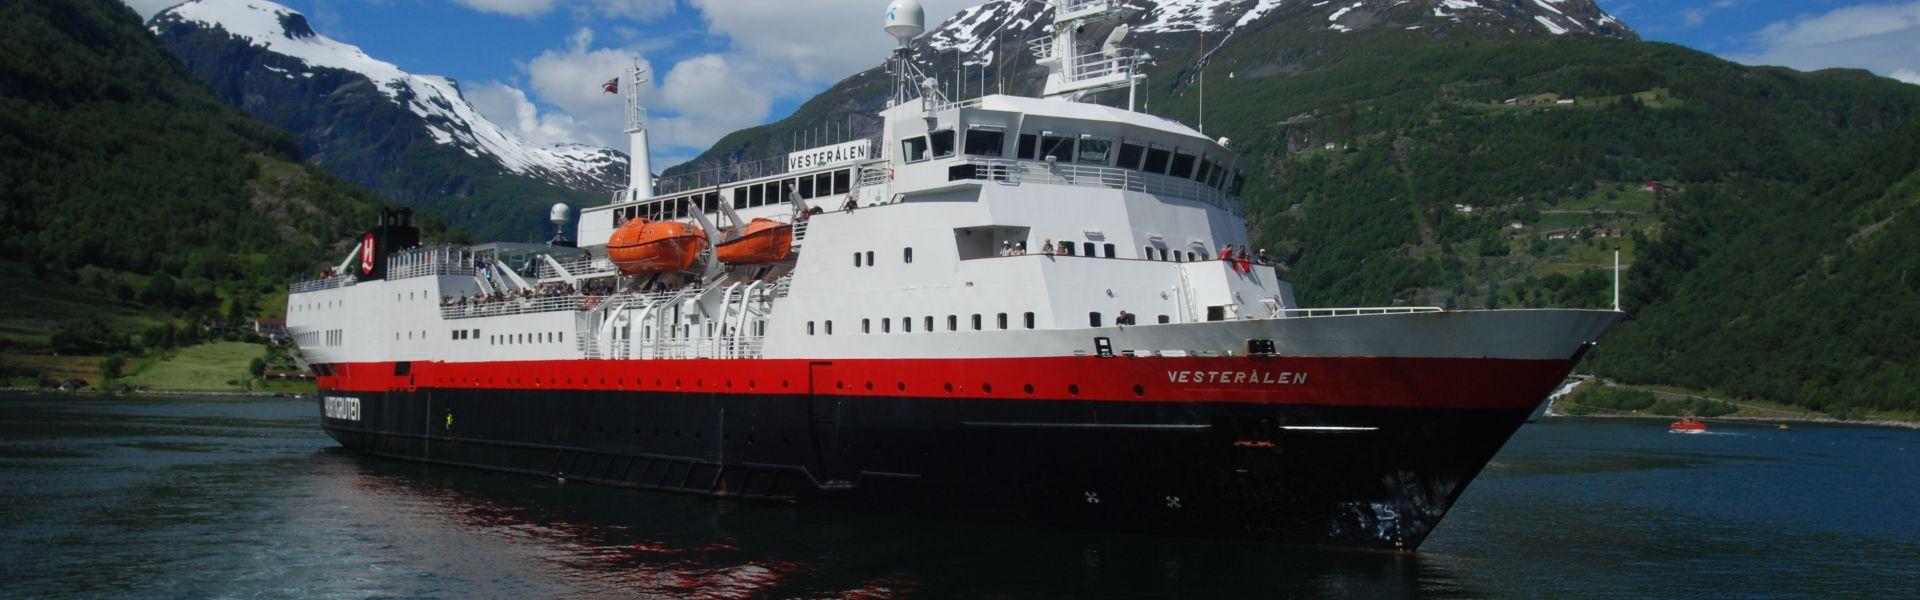 Croaziera 2017 - Scandinavia si Fiordurile Norvegiene (Bergen) - Hurtigruten - MS Vesteralen - 11 nopti